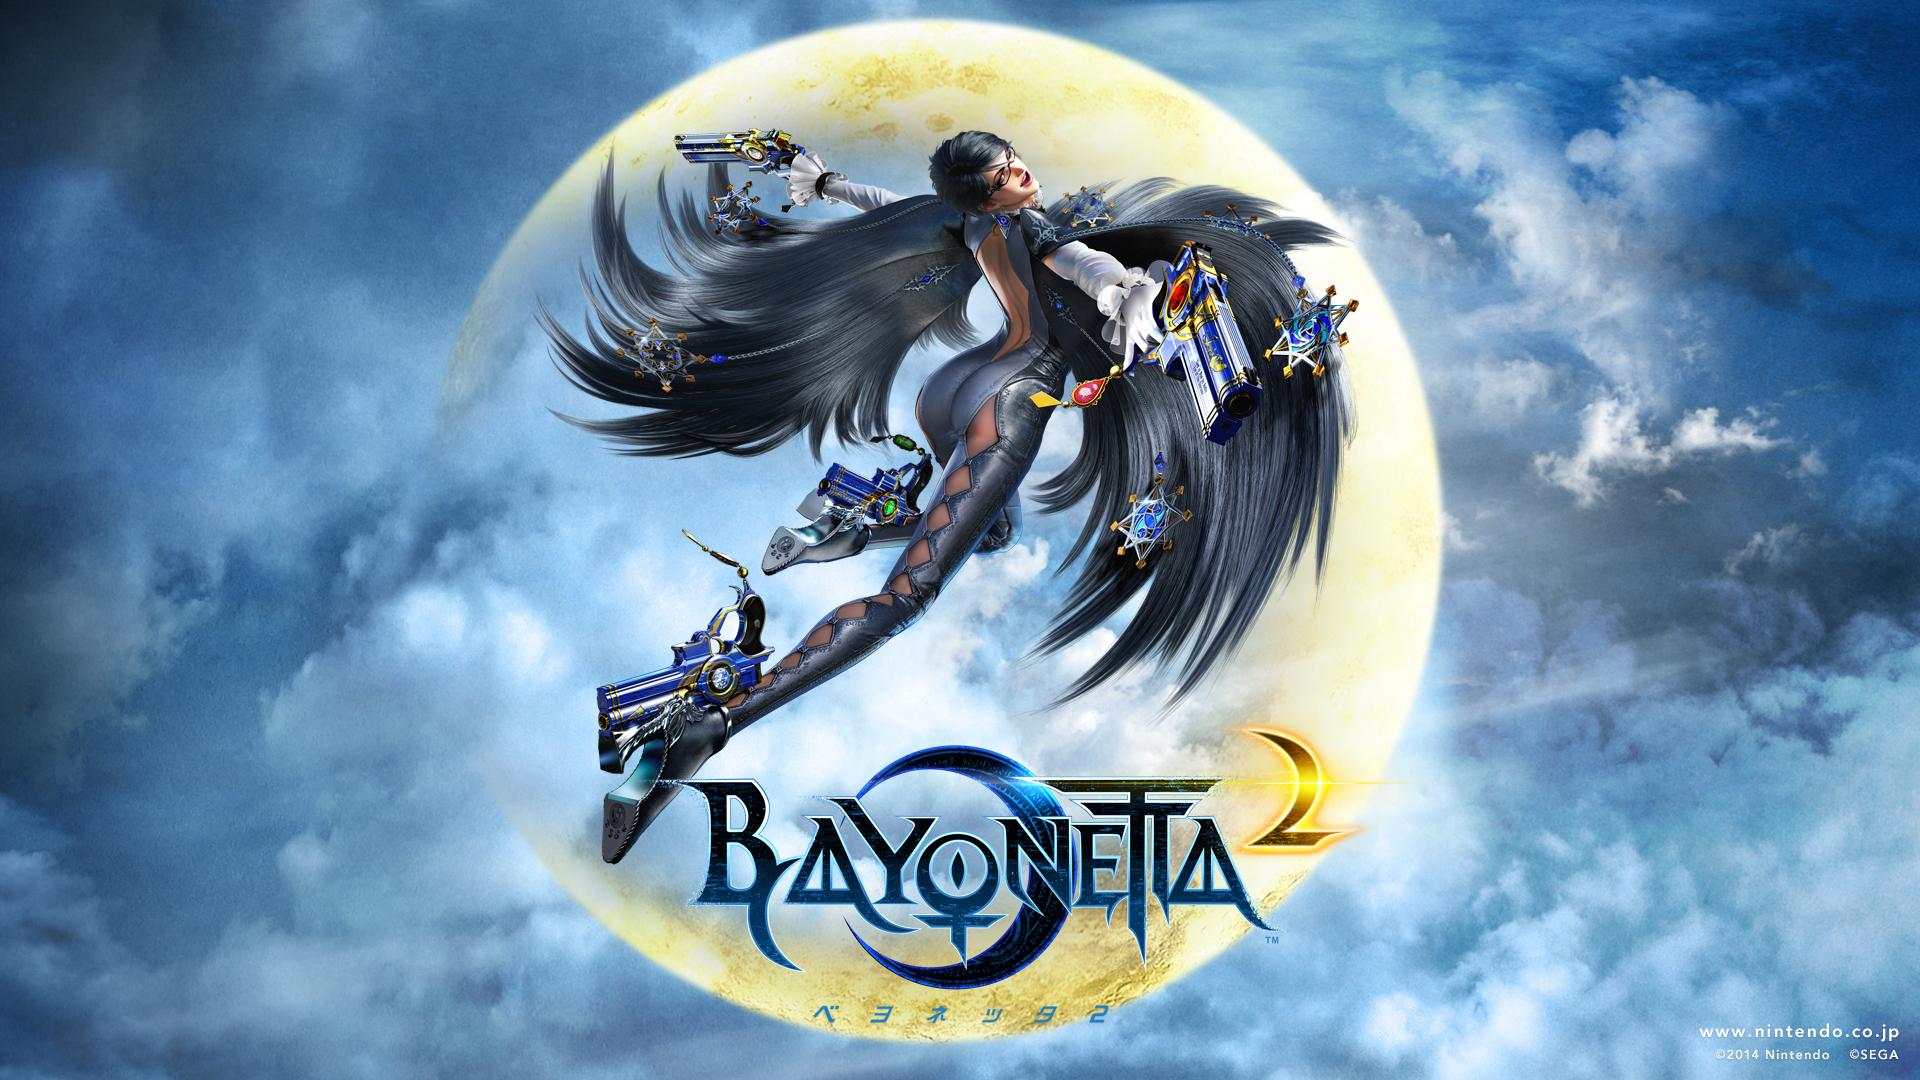 祝 海外発売 アイコン 壁紙プレゼント付き Bayonetta2 開発ブログ